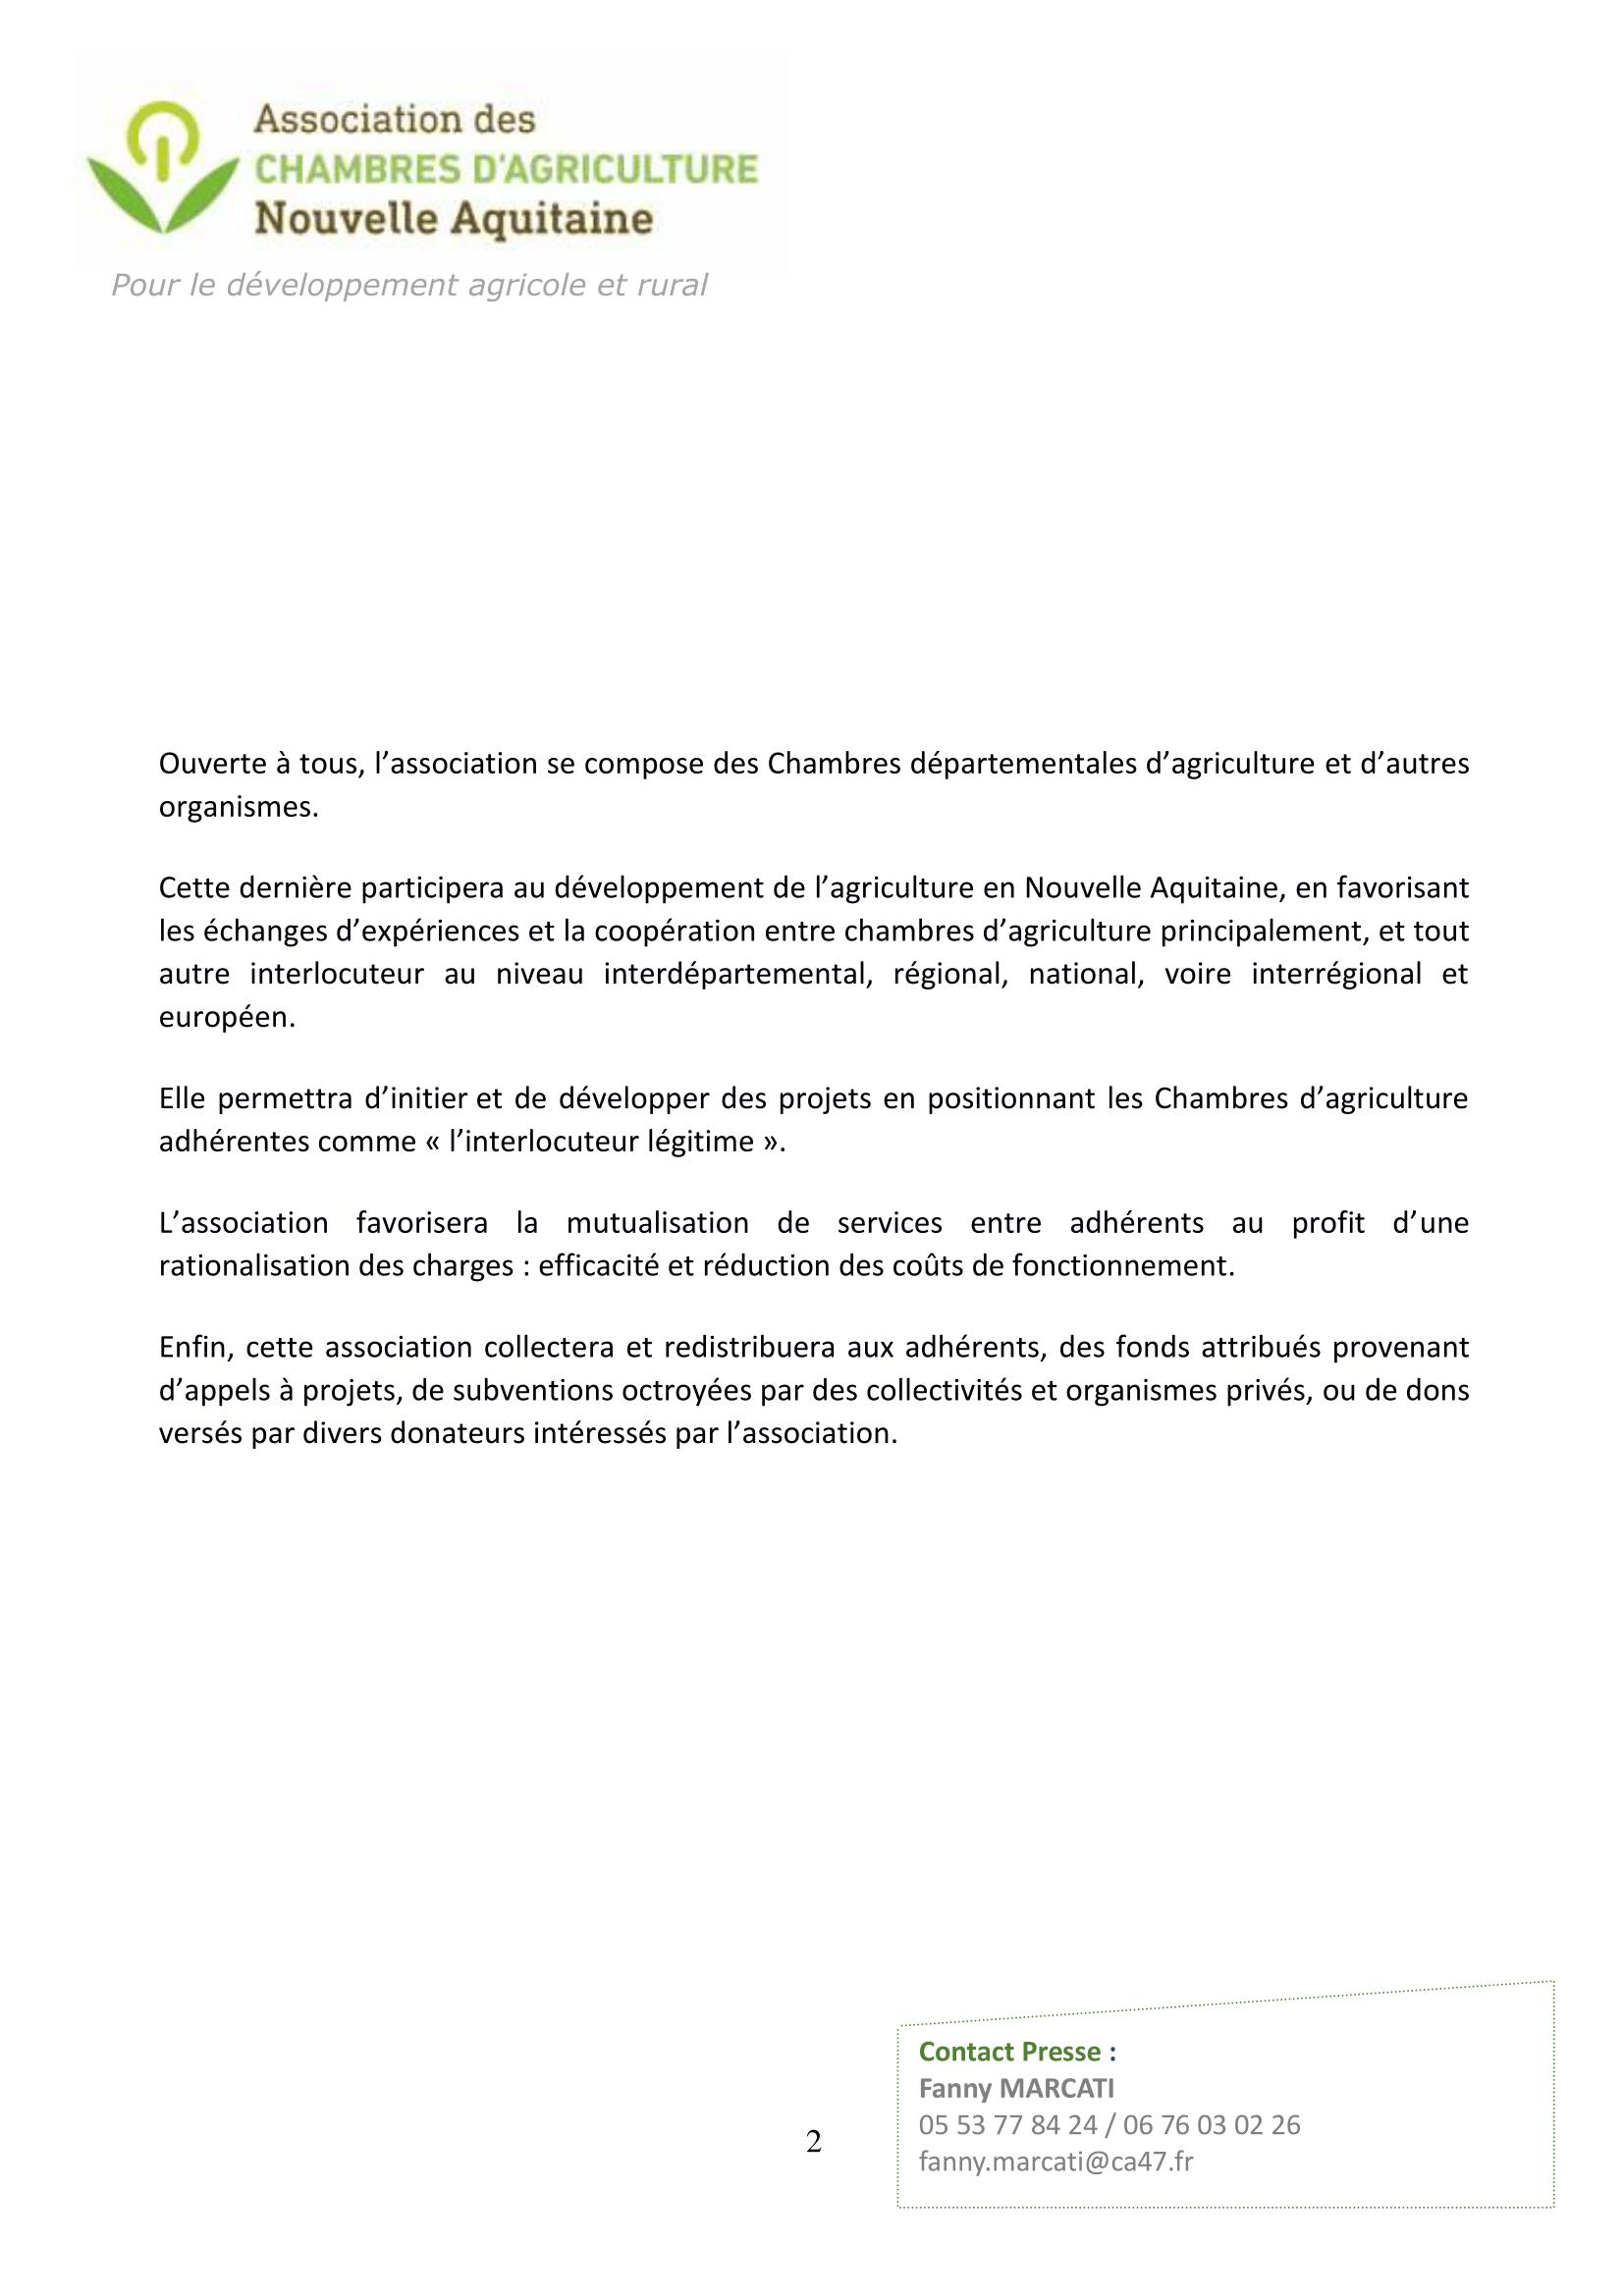 2-2019-communique-de-presse-asso-chambre-agriculture-na-2